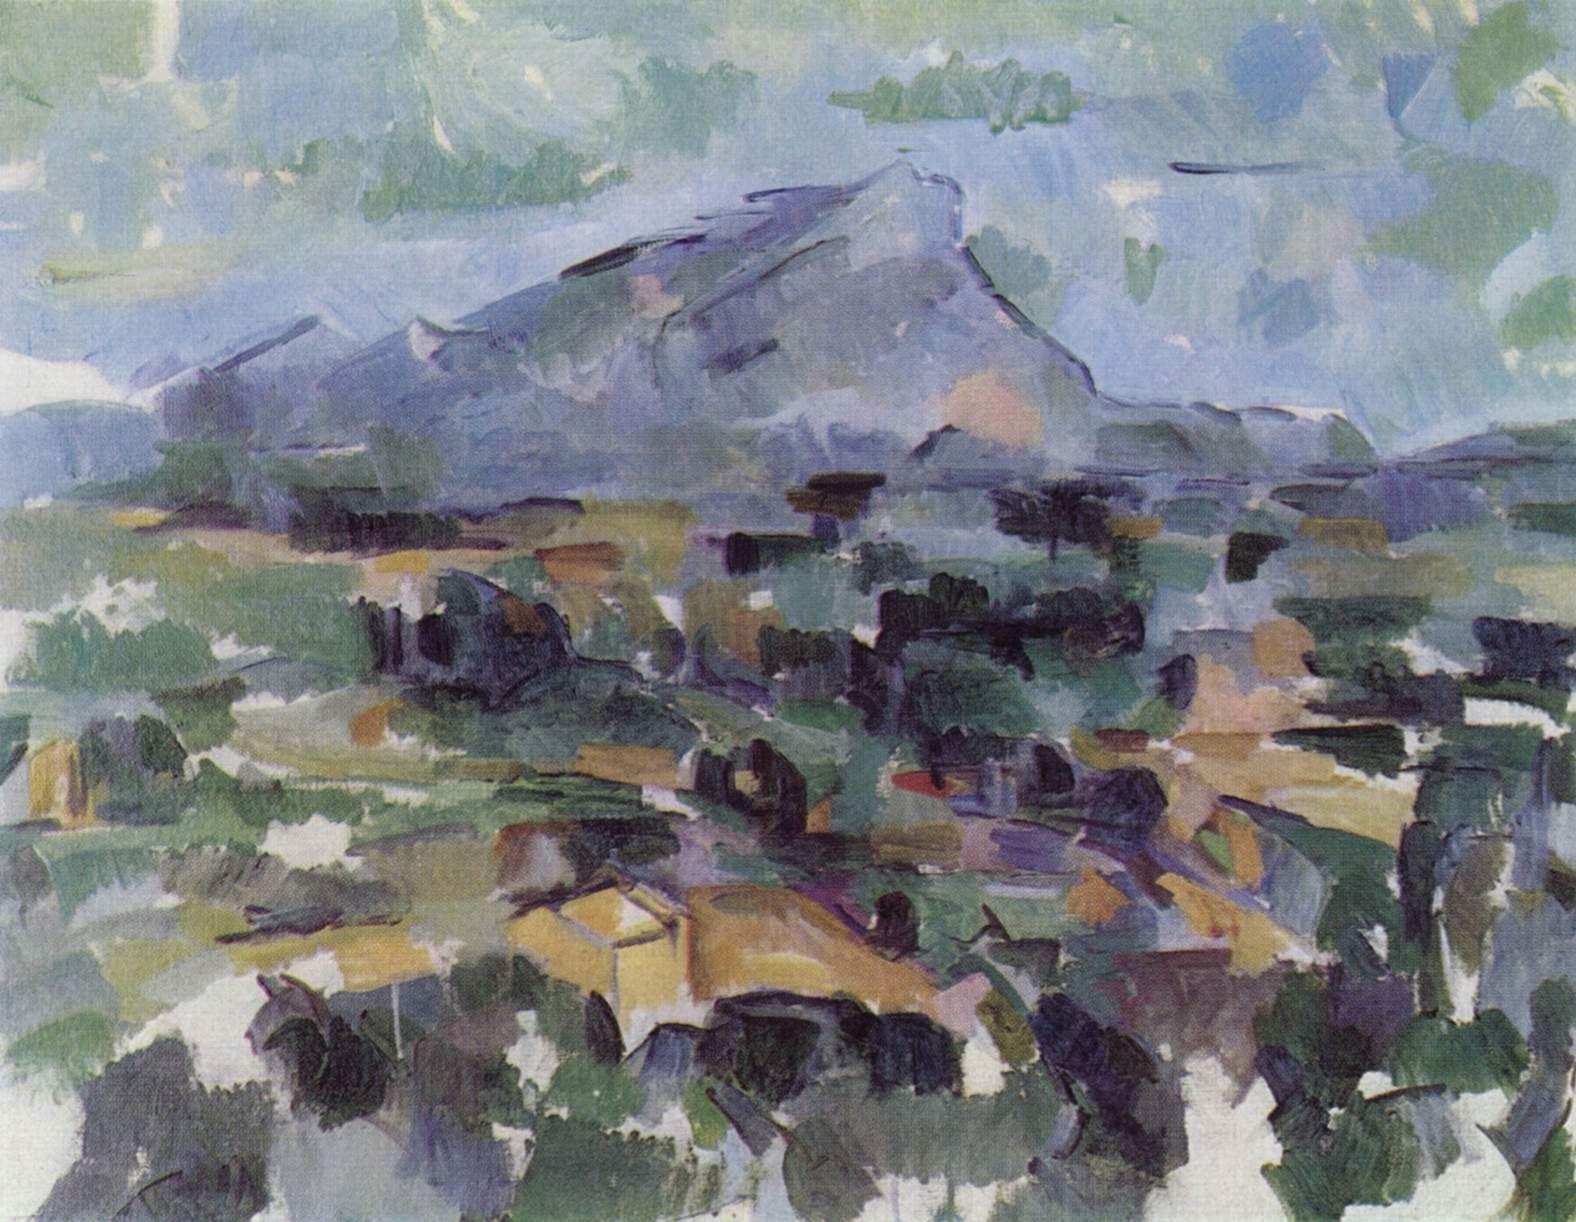 File:Paul Cézanne 110.jpg - Wikimedia Commons | Paul cezanne, Paul cezanne paintings, Cezanne